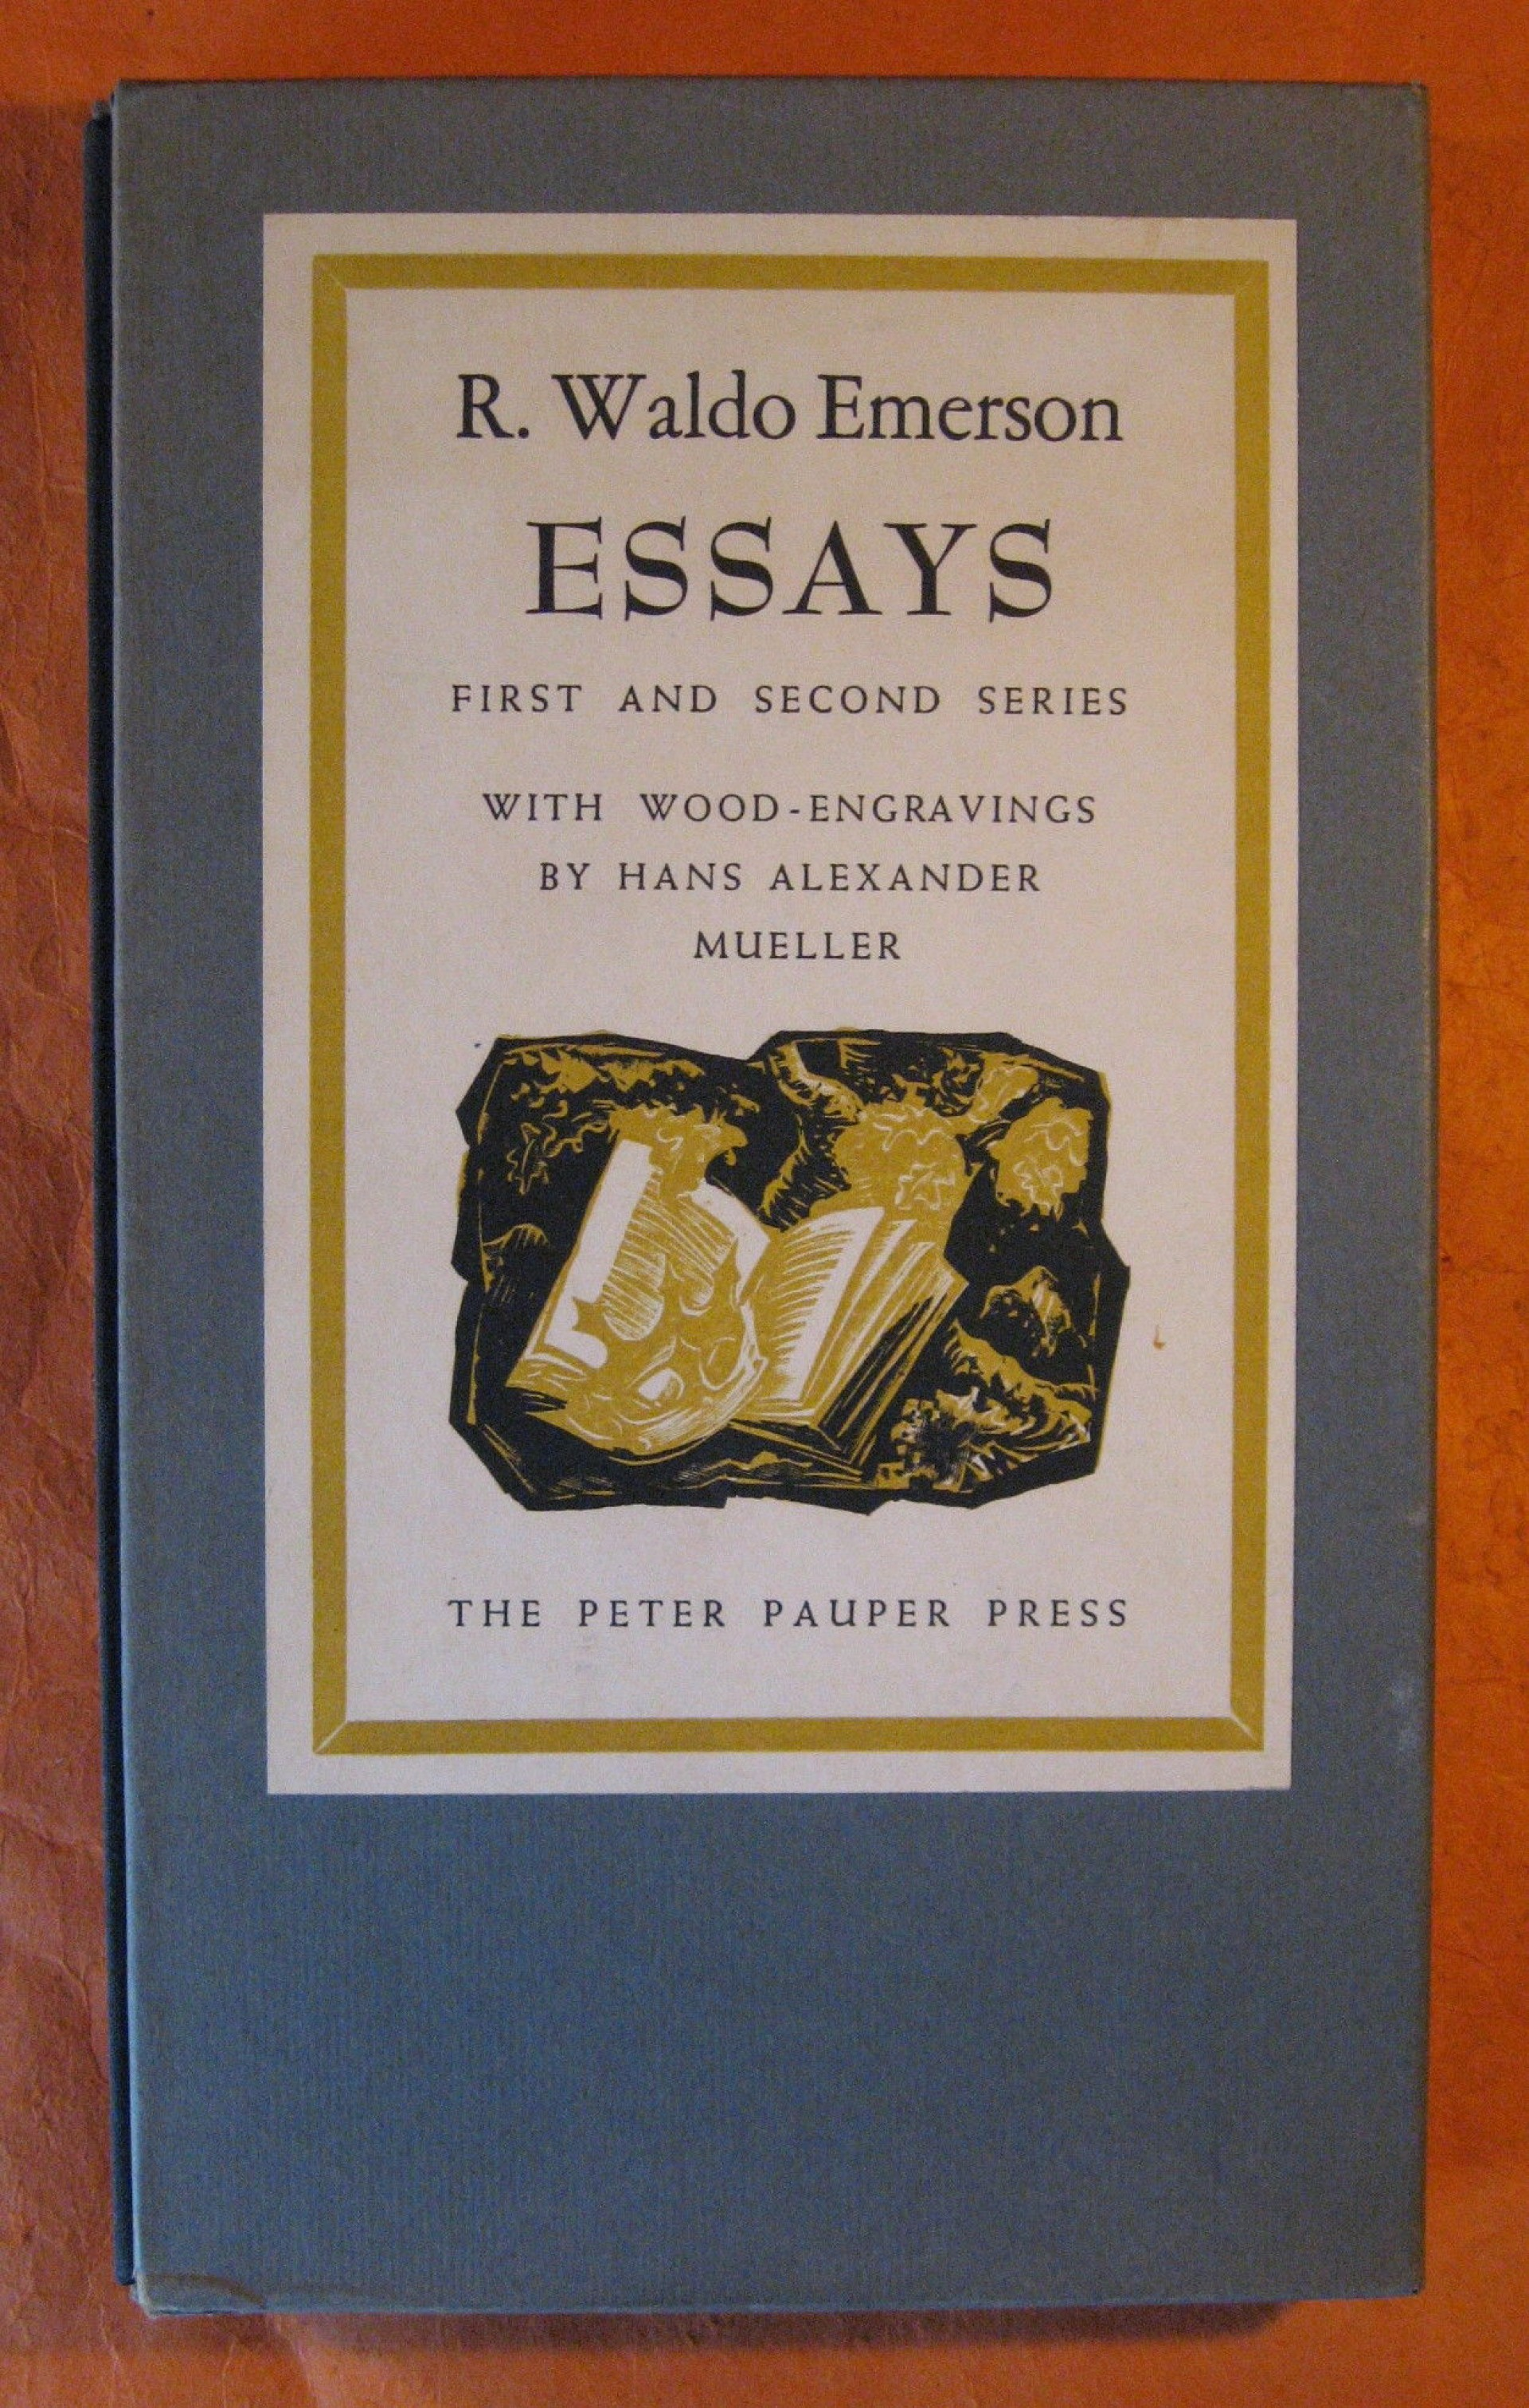 012 Essays First Series X Essay Stunning In Zen Buddhism Emerson's Value 1920